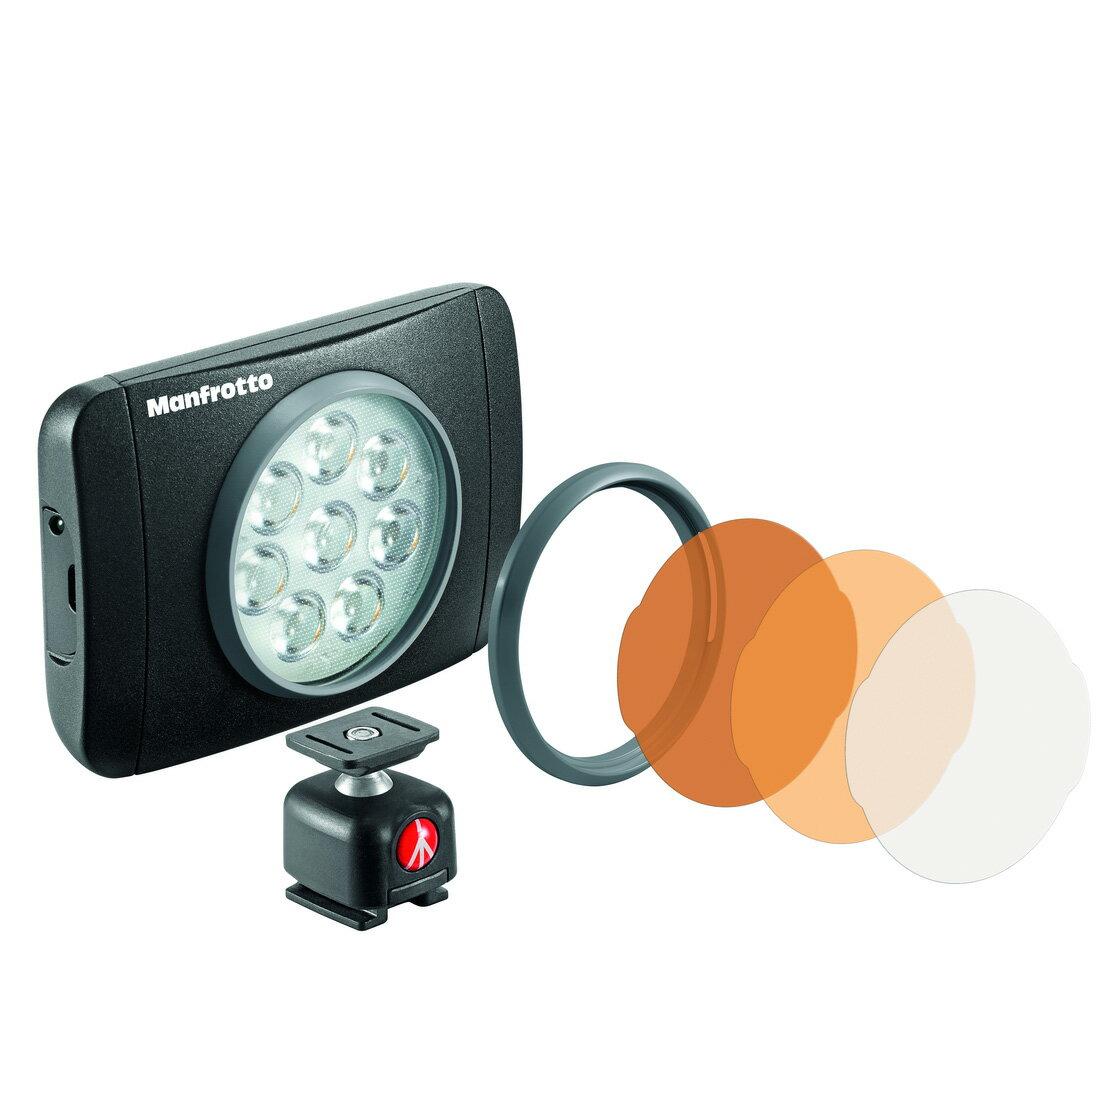 【メール便 送料無料】 マンフロット MLUMIEMU-BK LUMI MUSE LEDライト 550lux [色温度5600K/照度550ルクス/三脚&ホットシューに取り付け可/撮影用LEDライト/Manfrotto]